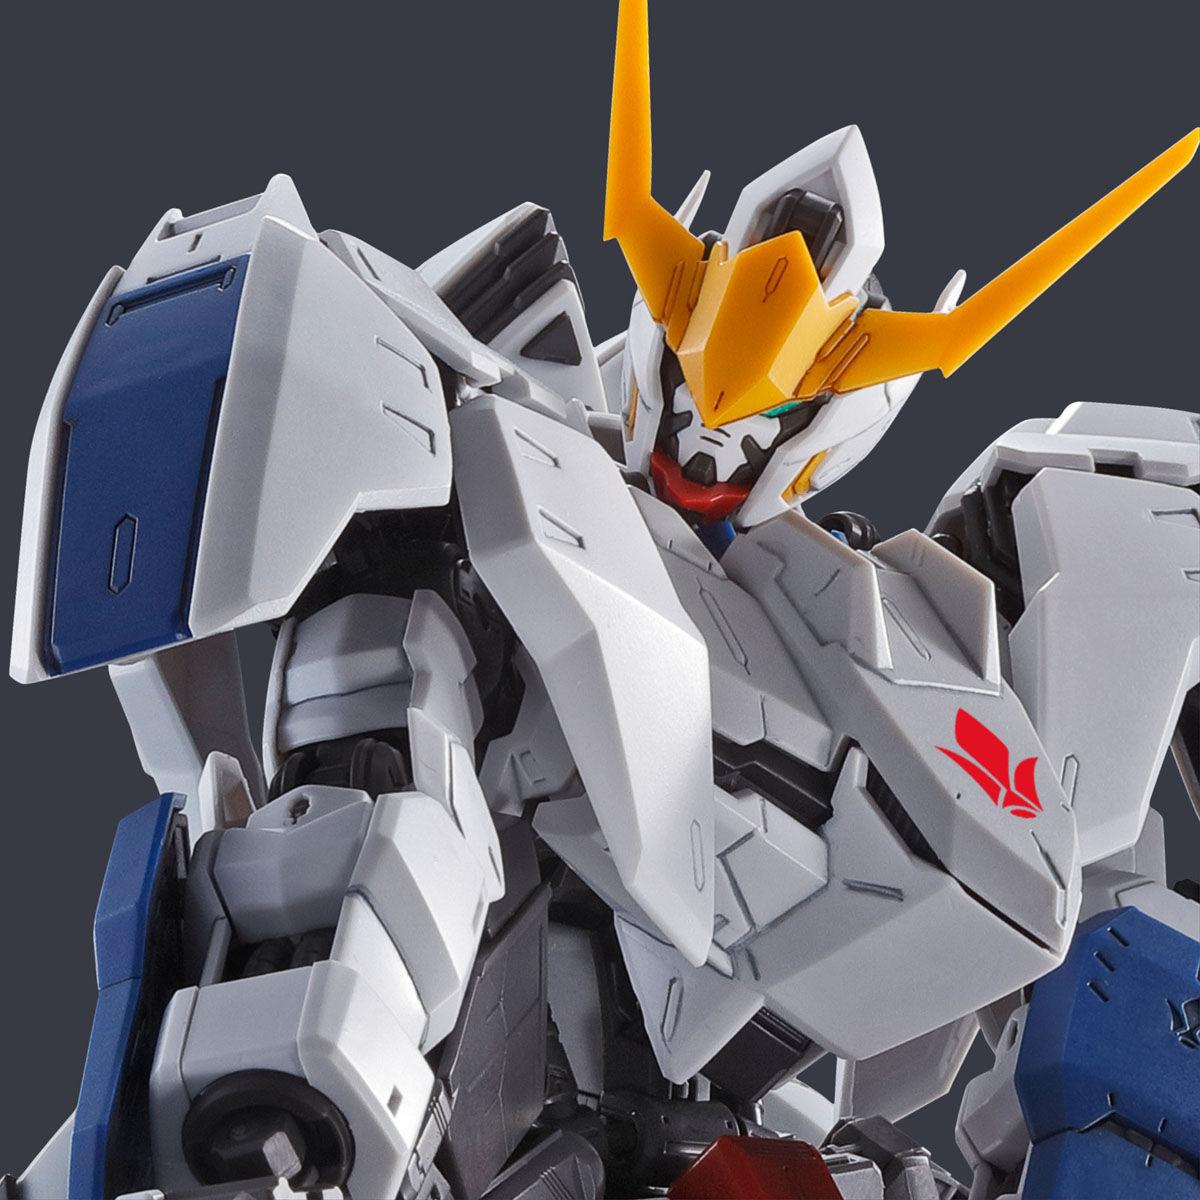 【限定販売】MG 1/100『ガンダムバルバトス用 拡張パーツセット』鉄血のオルフェンズ プラモデル-001